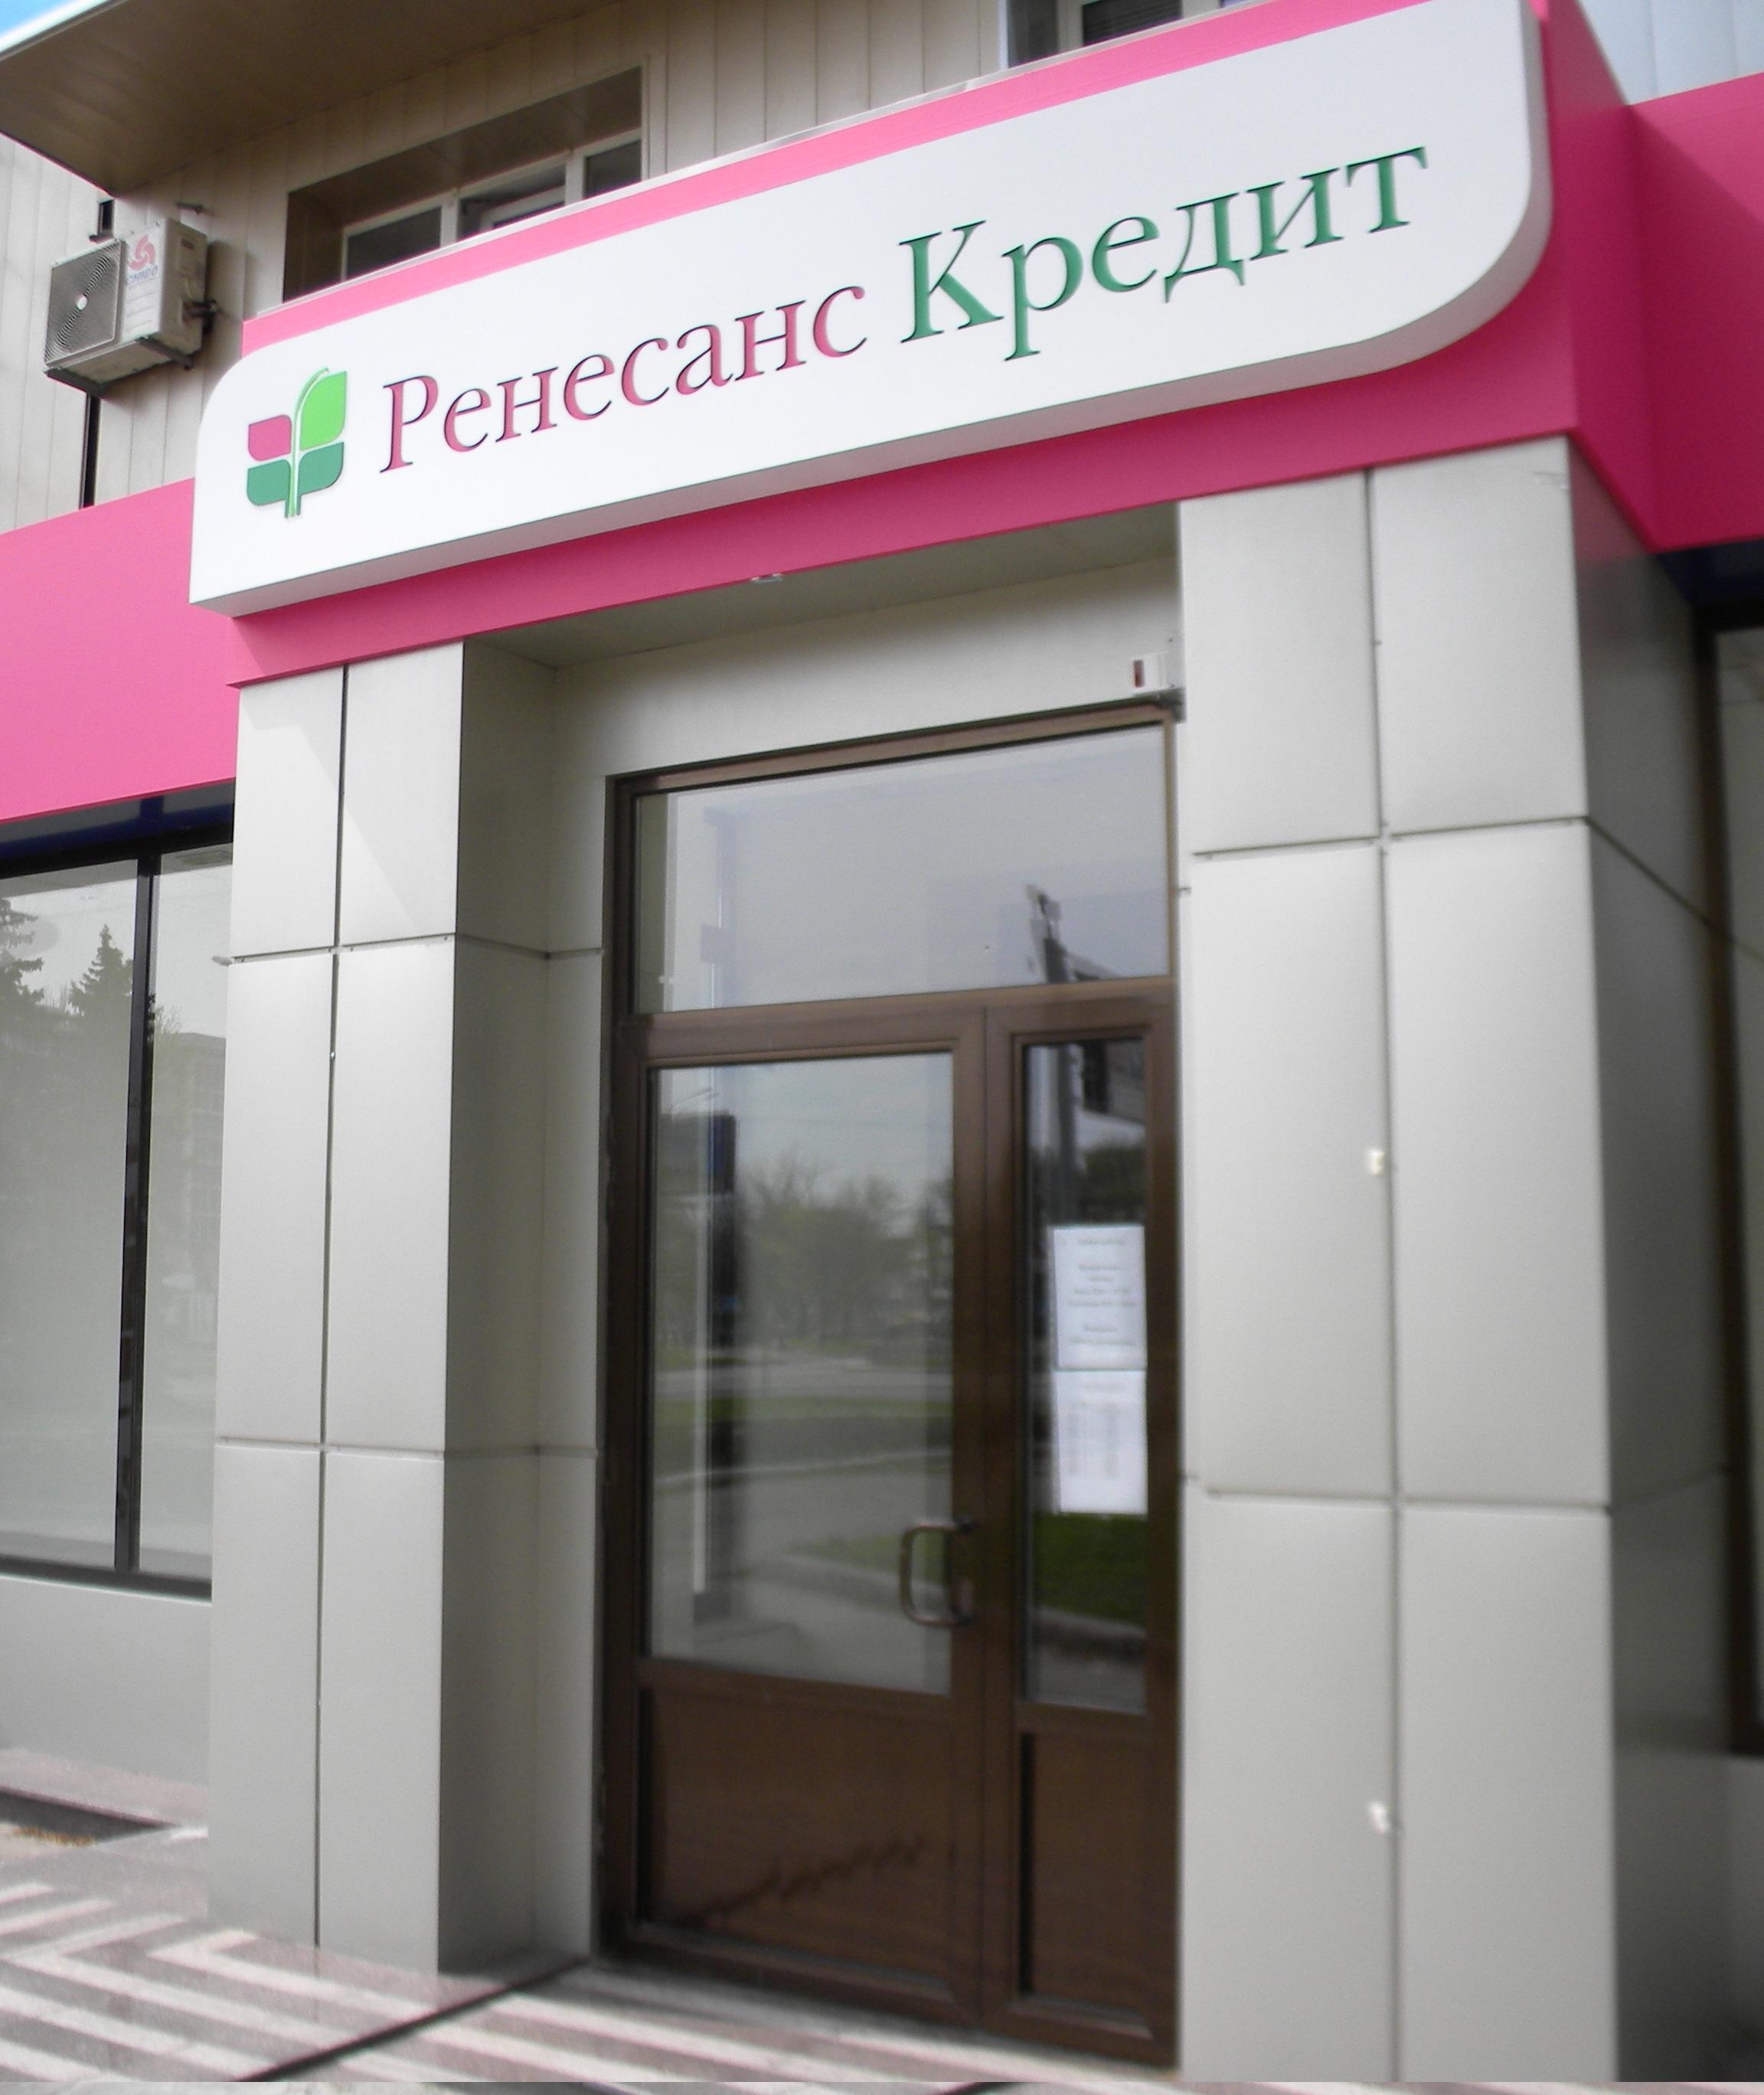 Адреса банка Ренессанс кредит